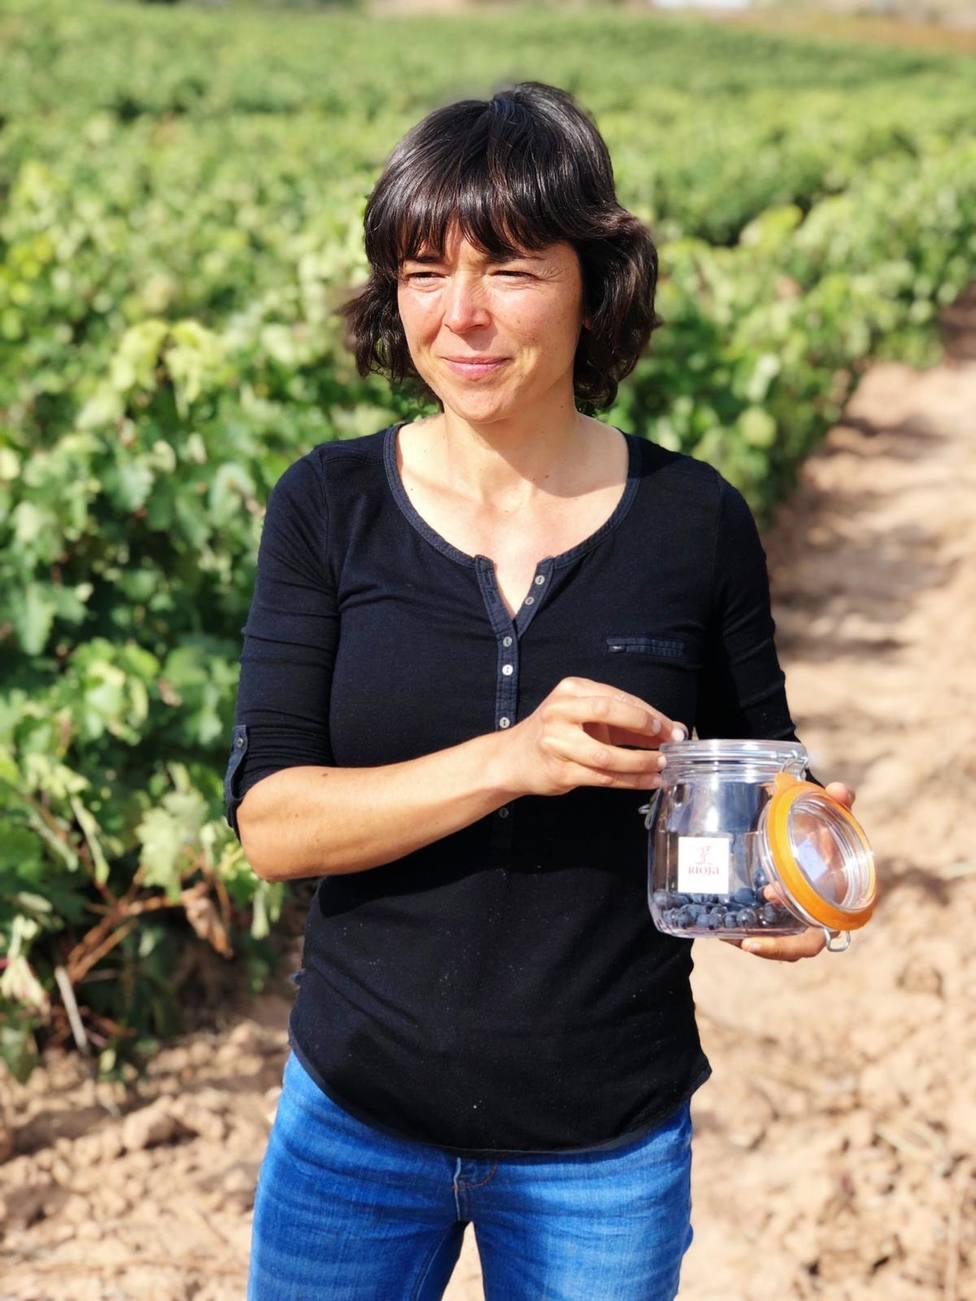 El Consejo Regulador de la DO Rioja asegura que la cosecha de este año podría ser histórica